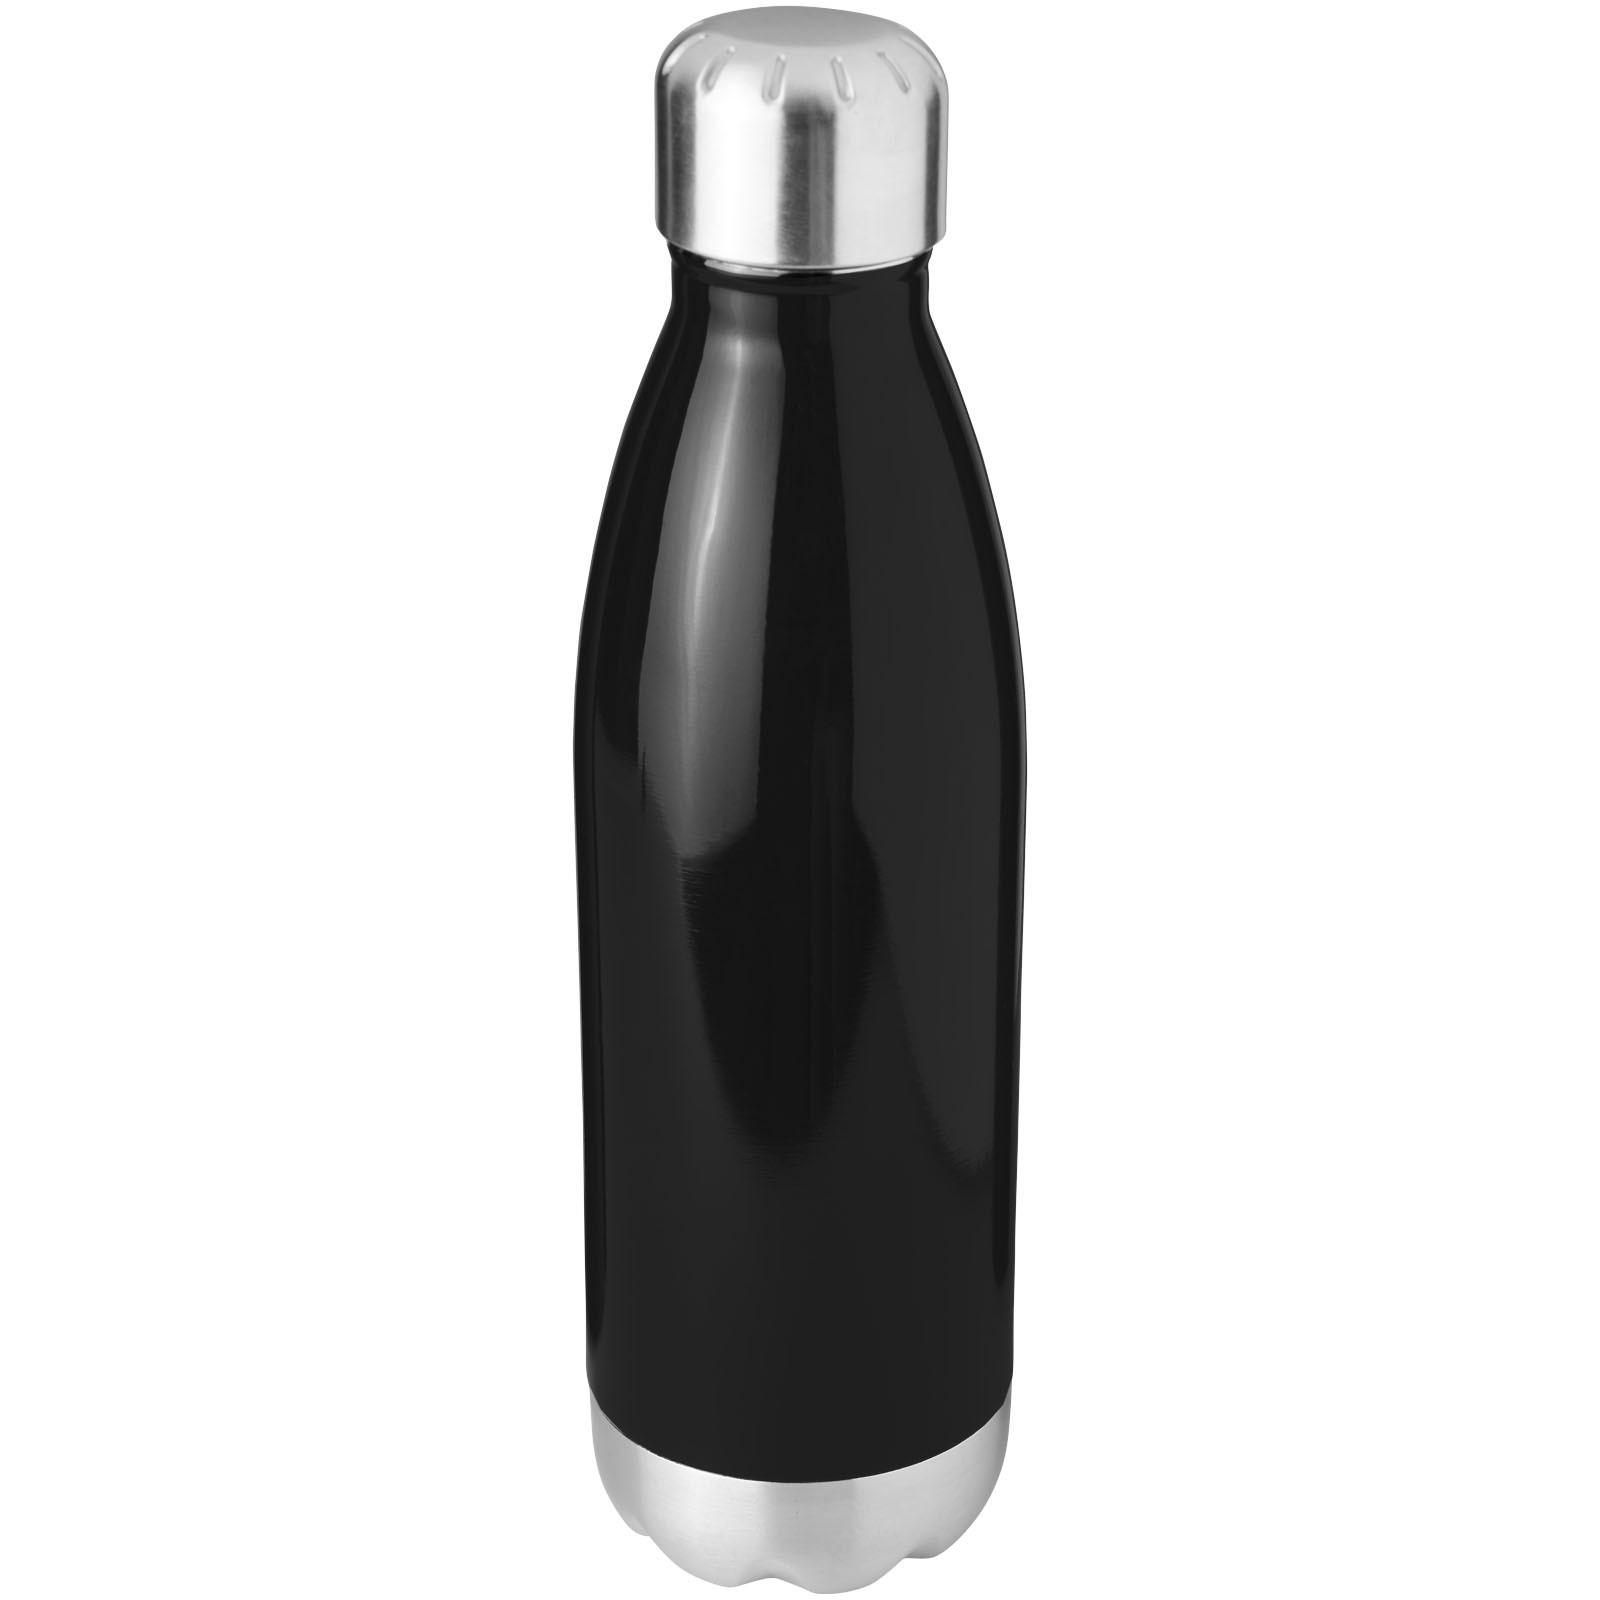 Arsenal 510 ml vakuumisolierte Flasche - Schwarz